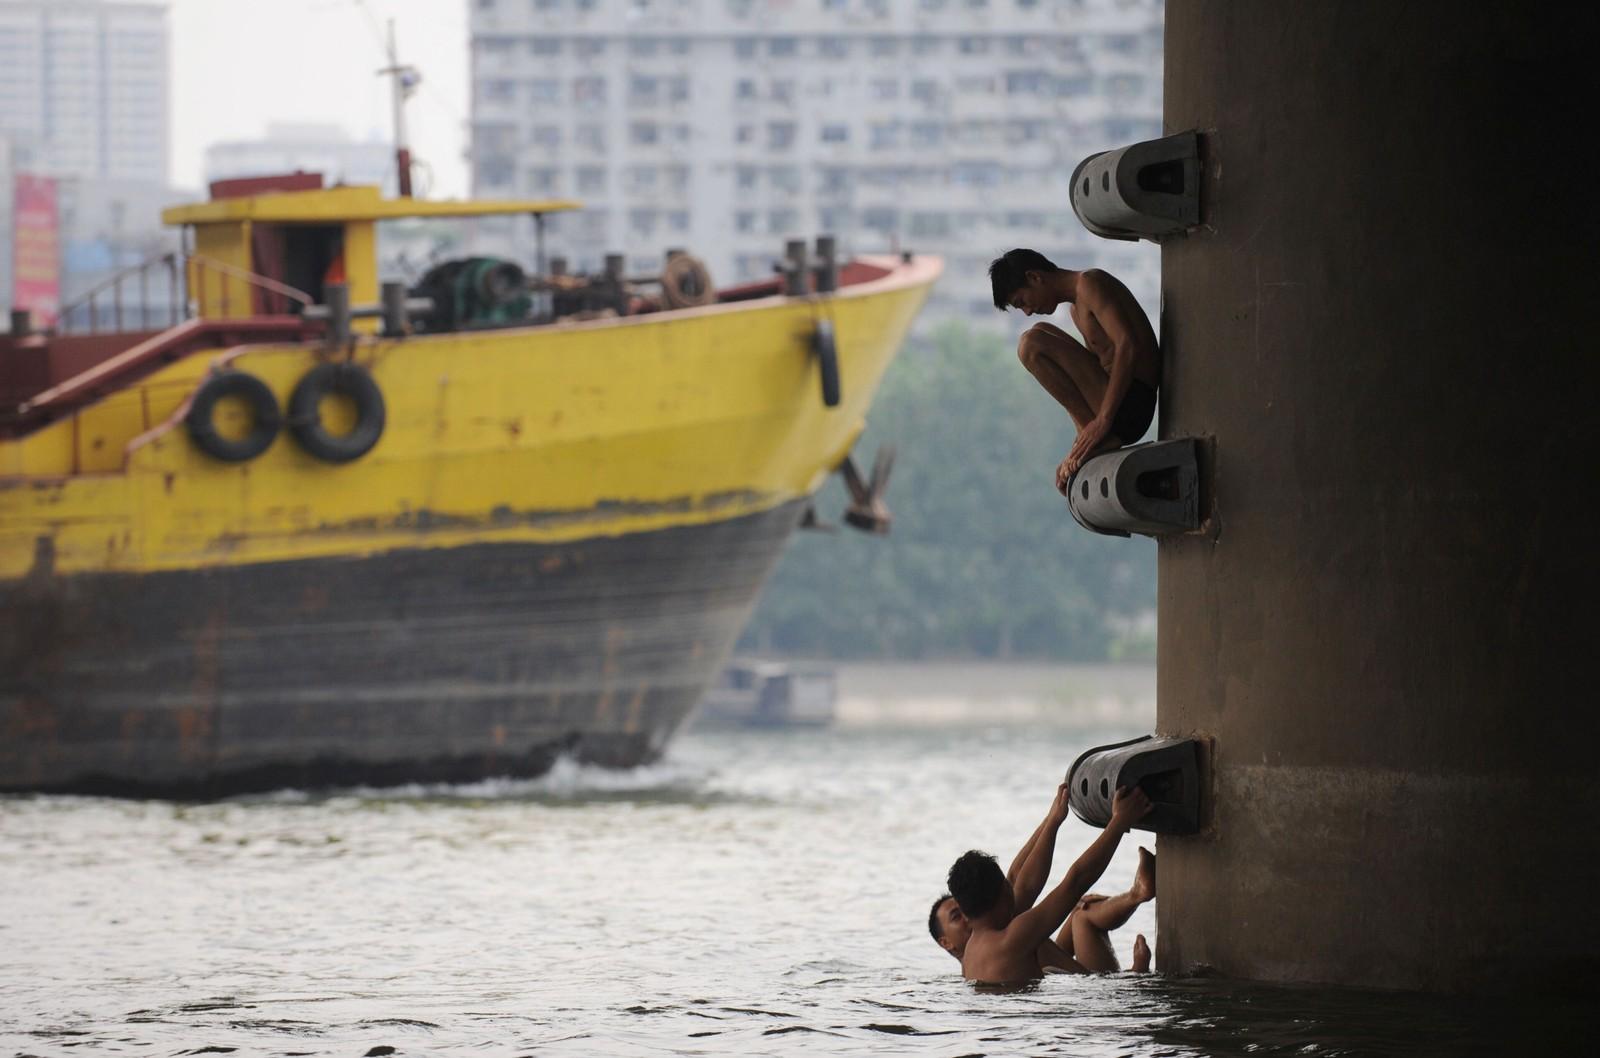 I Han-elva i Hubeiprovinsen badar nokre gutar. Også her er det venta fleire varme dagar i tida framover.